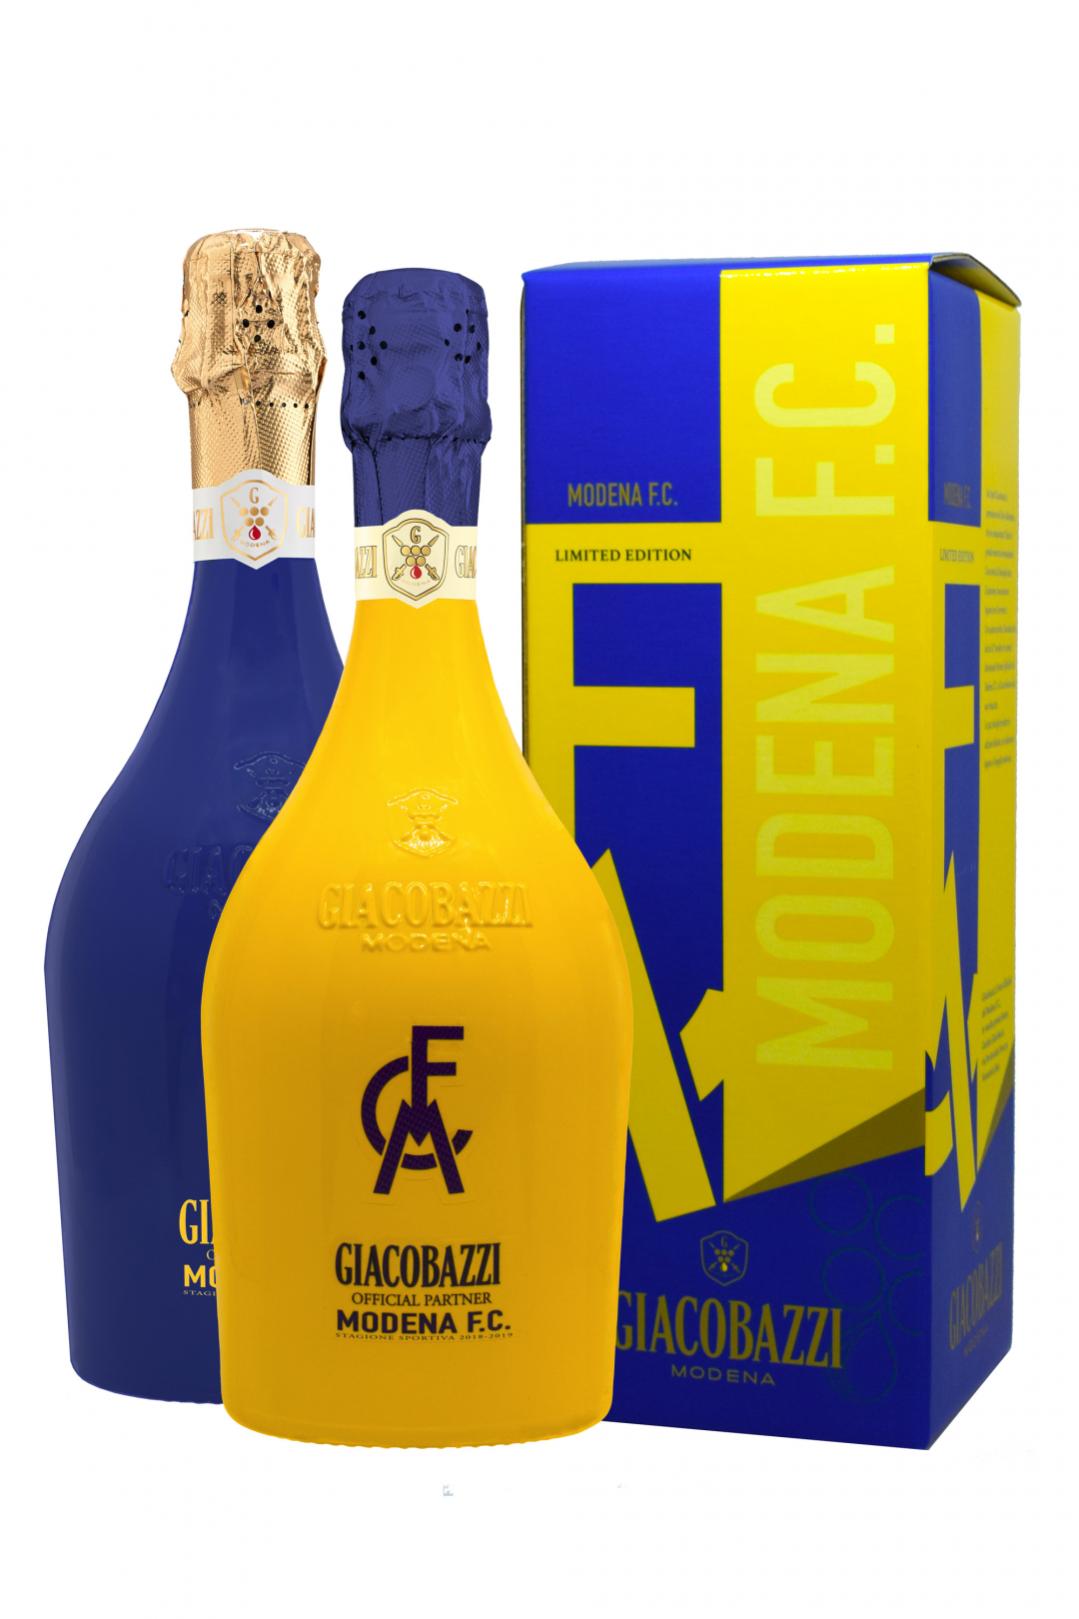 L'azienda vinicola Giacobazzi supporta Modena FC